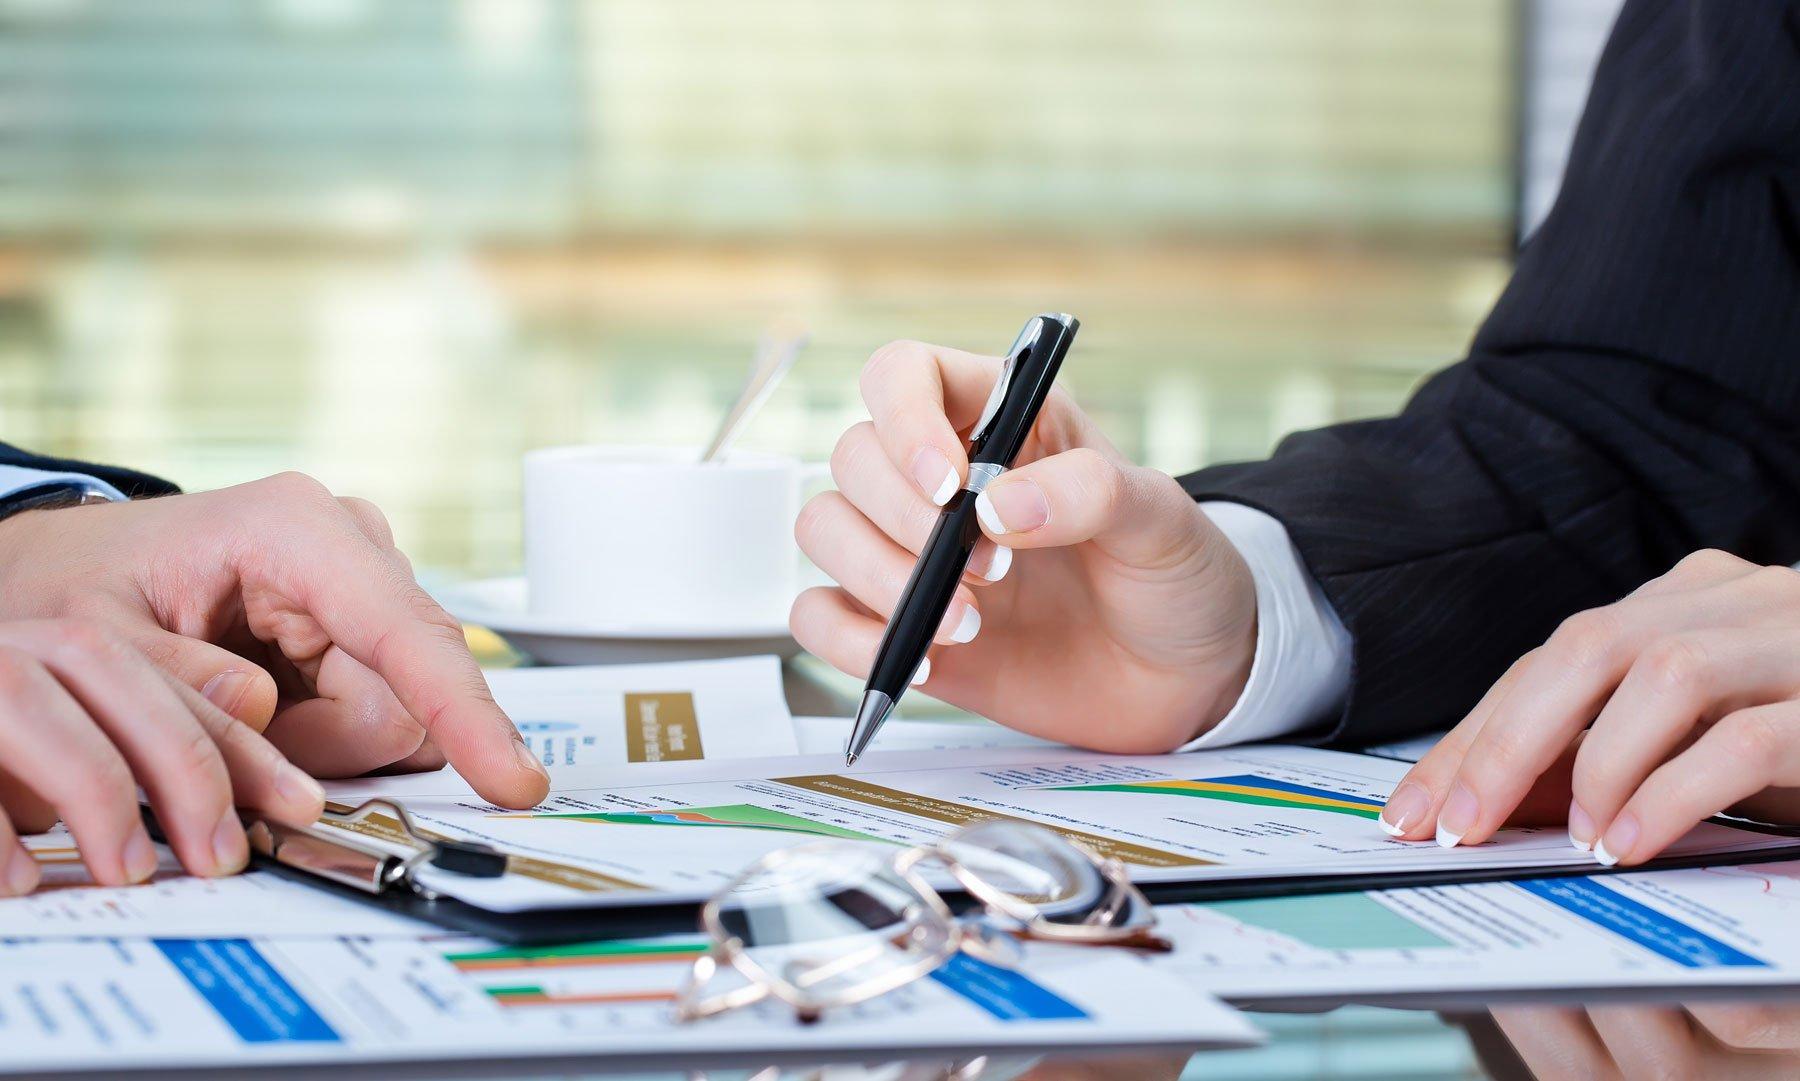 una mano che indica con una penna un foglio con dei grafici e di fronte un' altra persona che indica con il dito lo stesso foglio